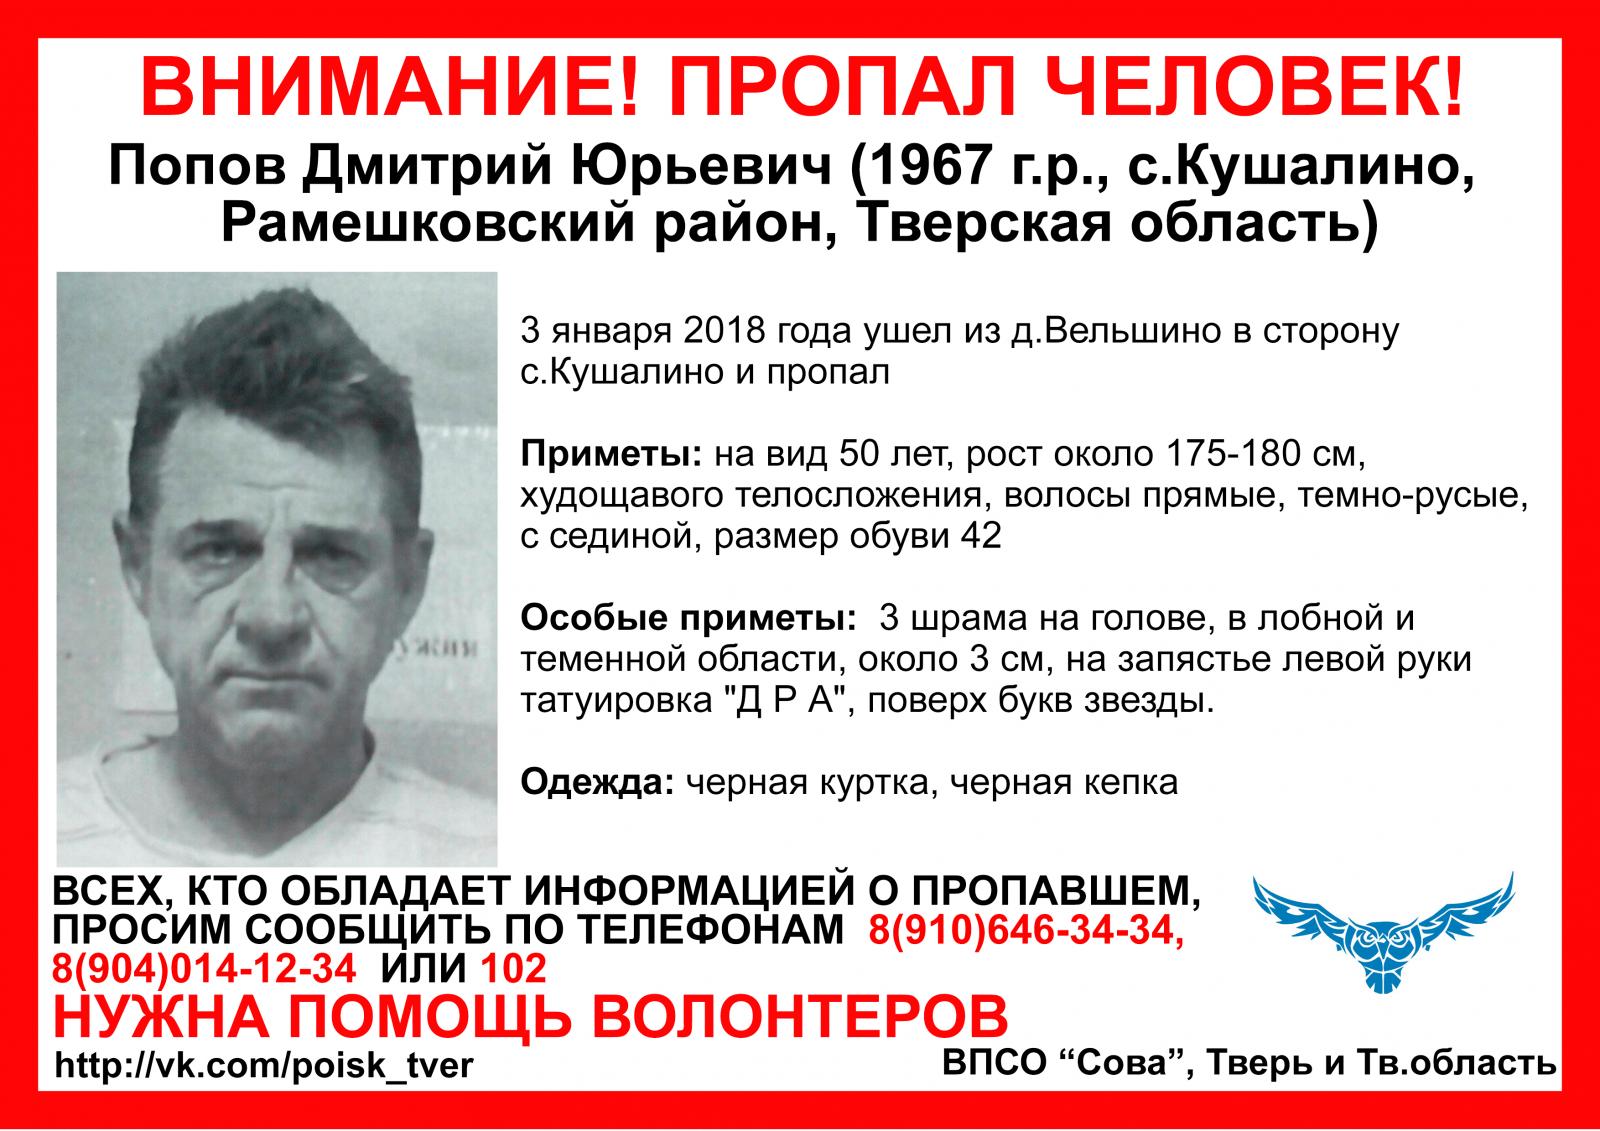 Пропал Попов Дмитрий Юрьевич (1967 г.р.)